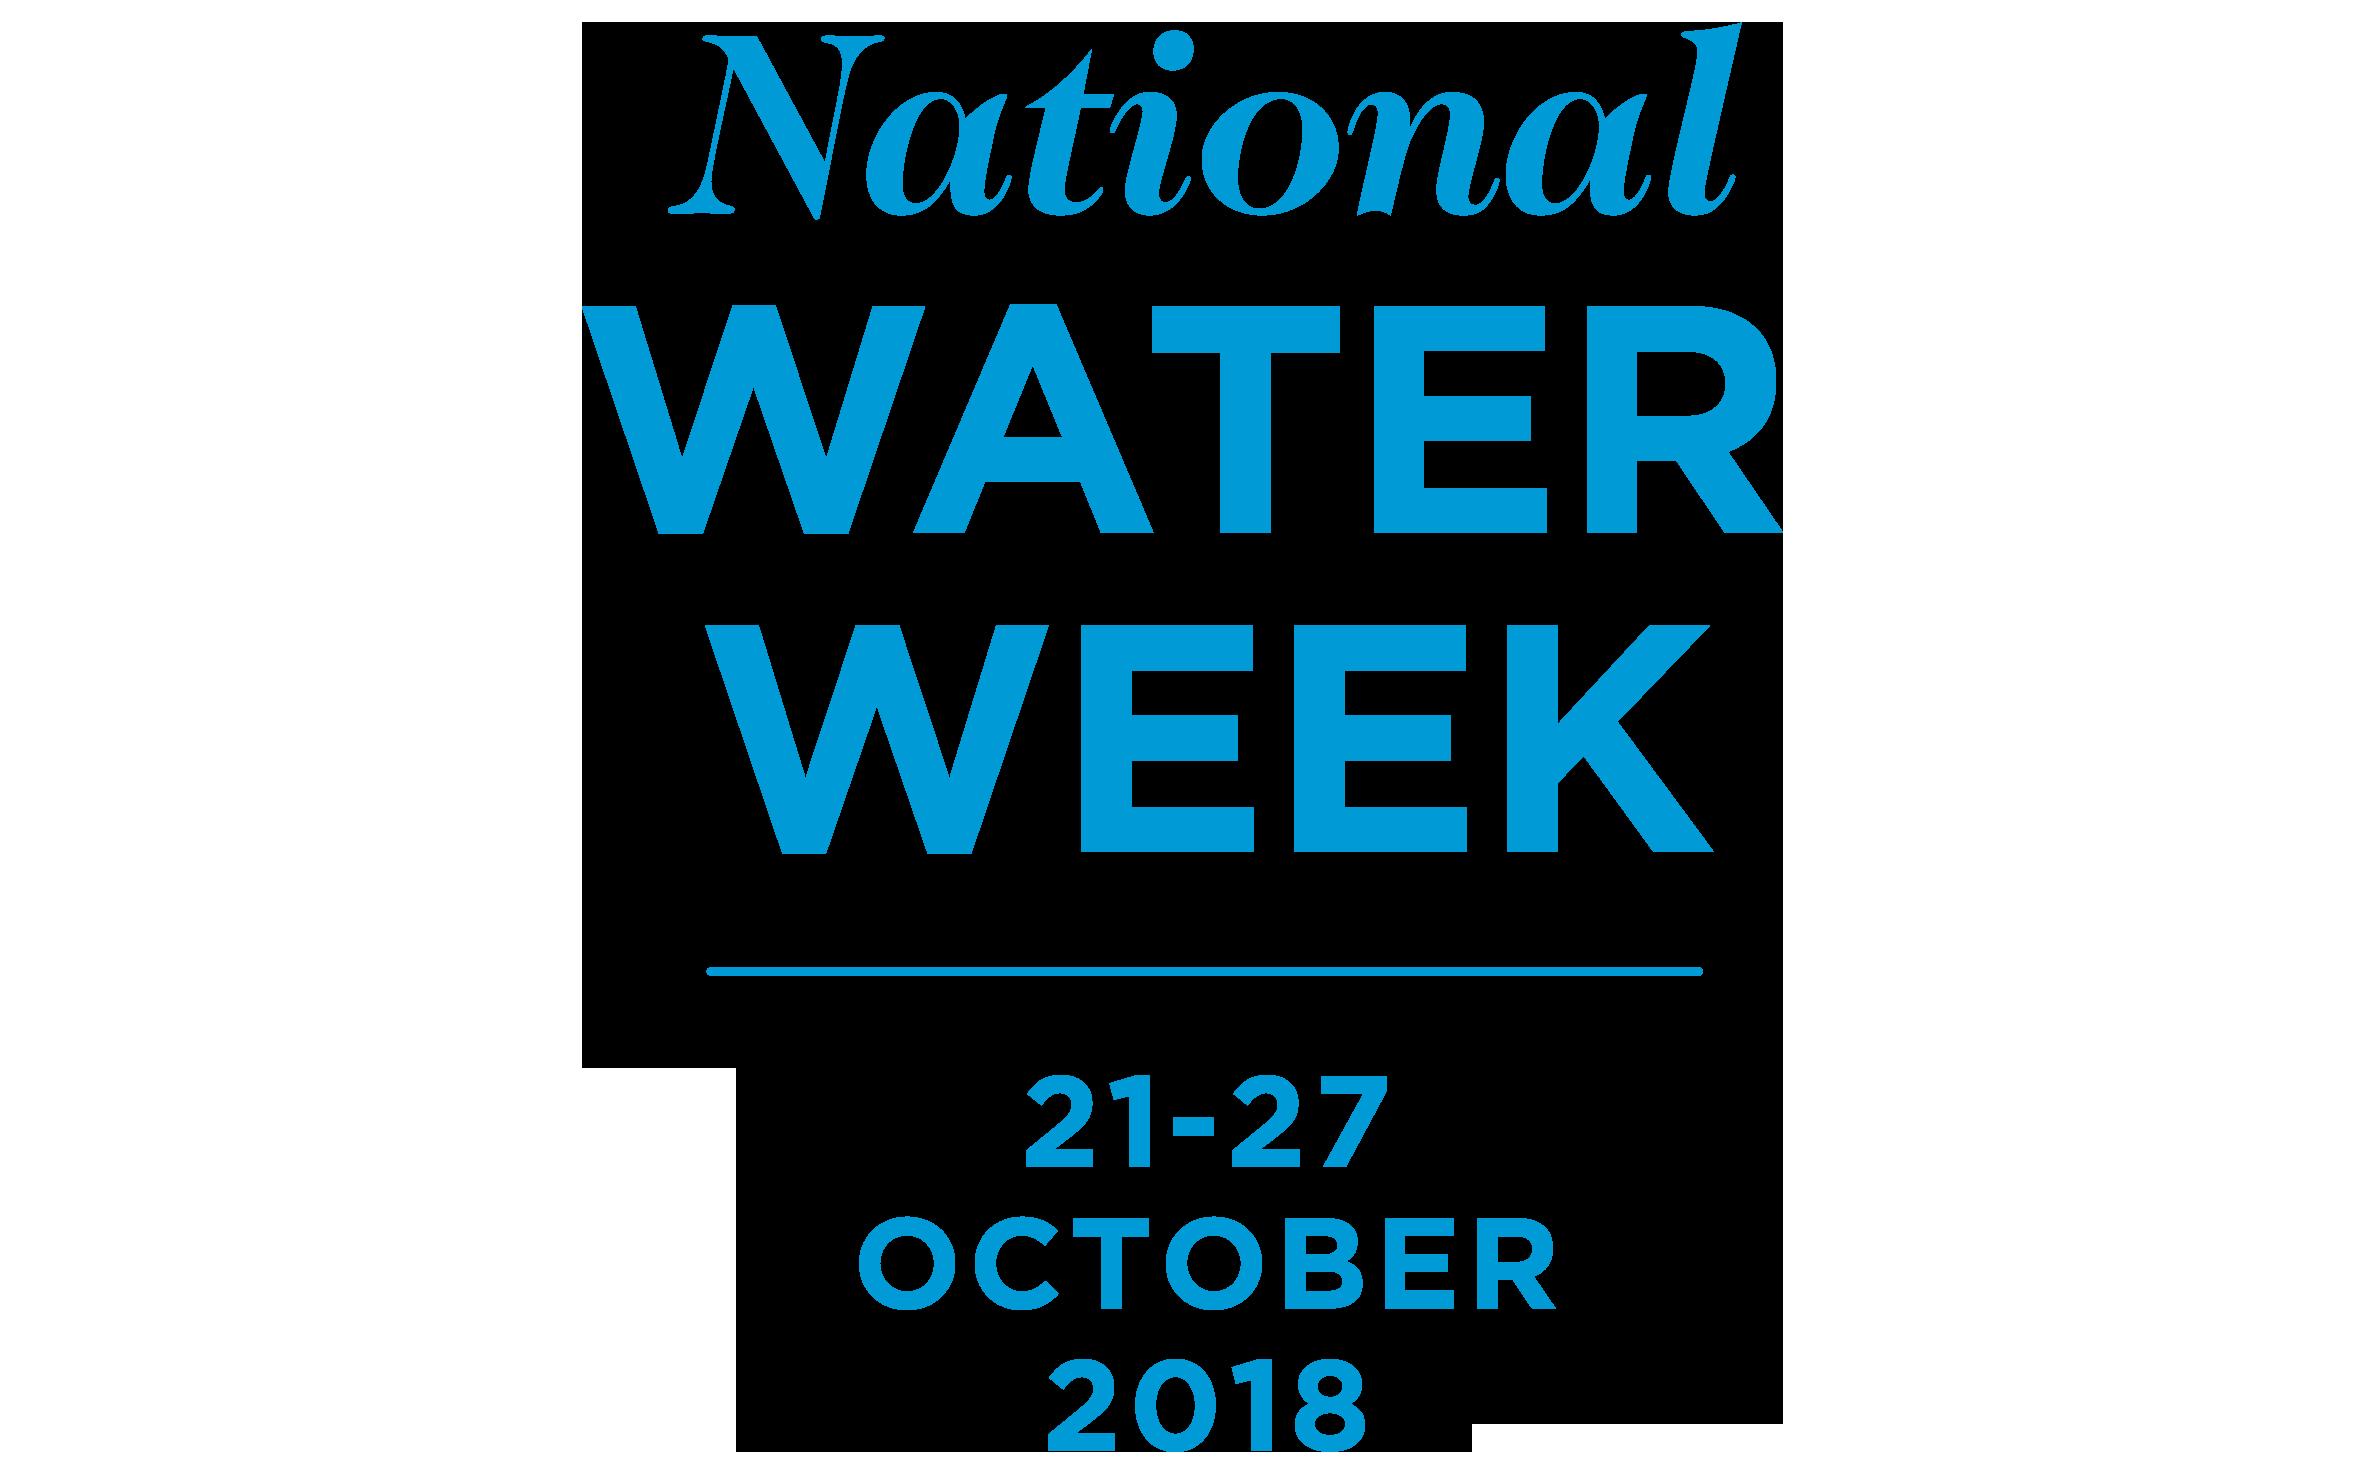 National-Water-Week-2018-262